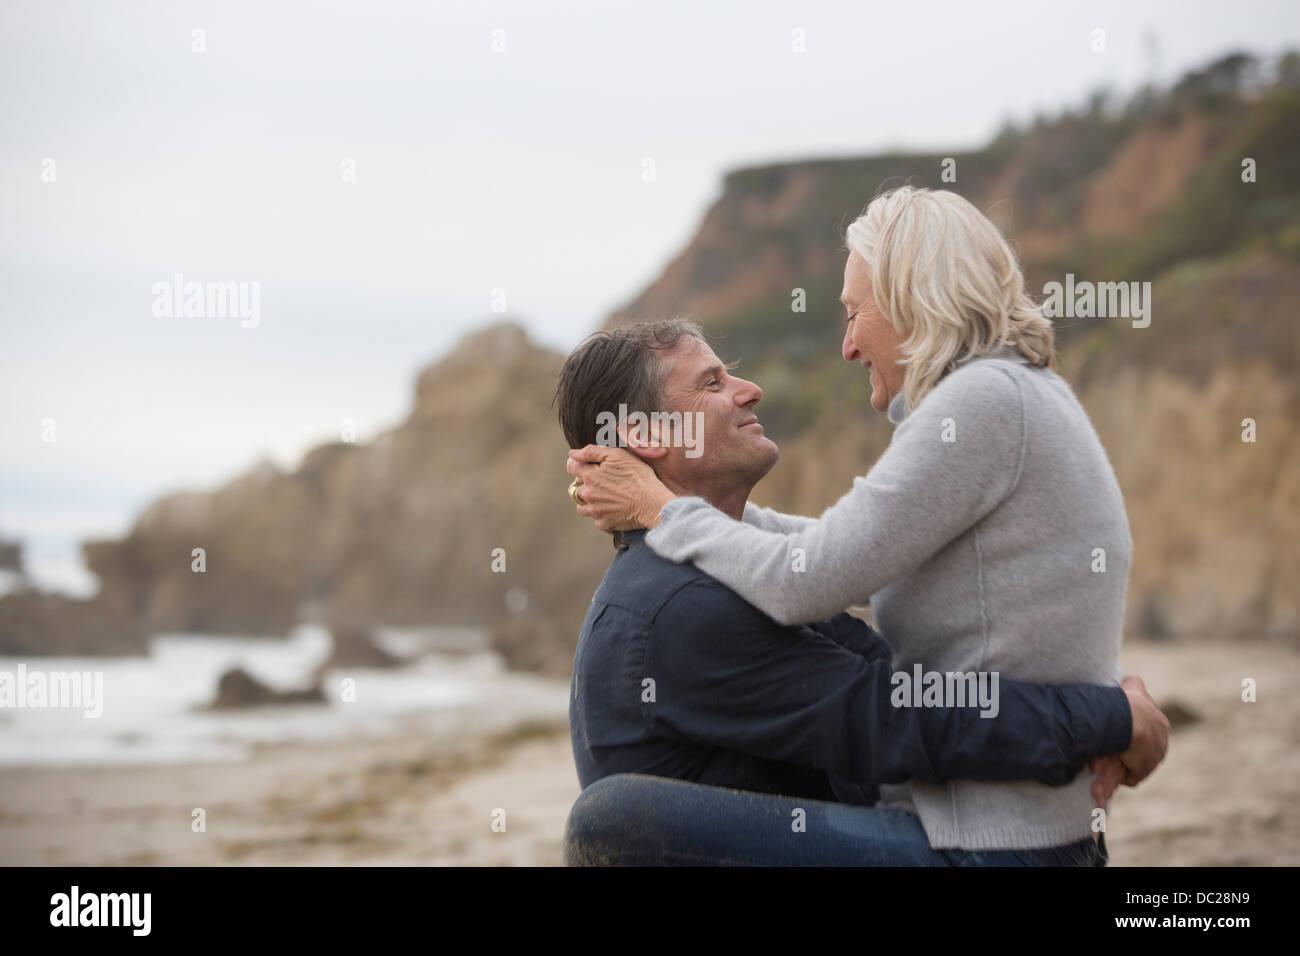 Reifer Mann heben Reife Frau am Strand Stockbild